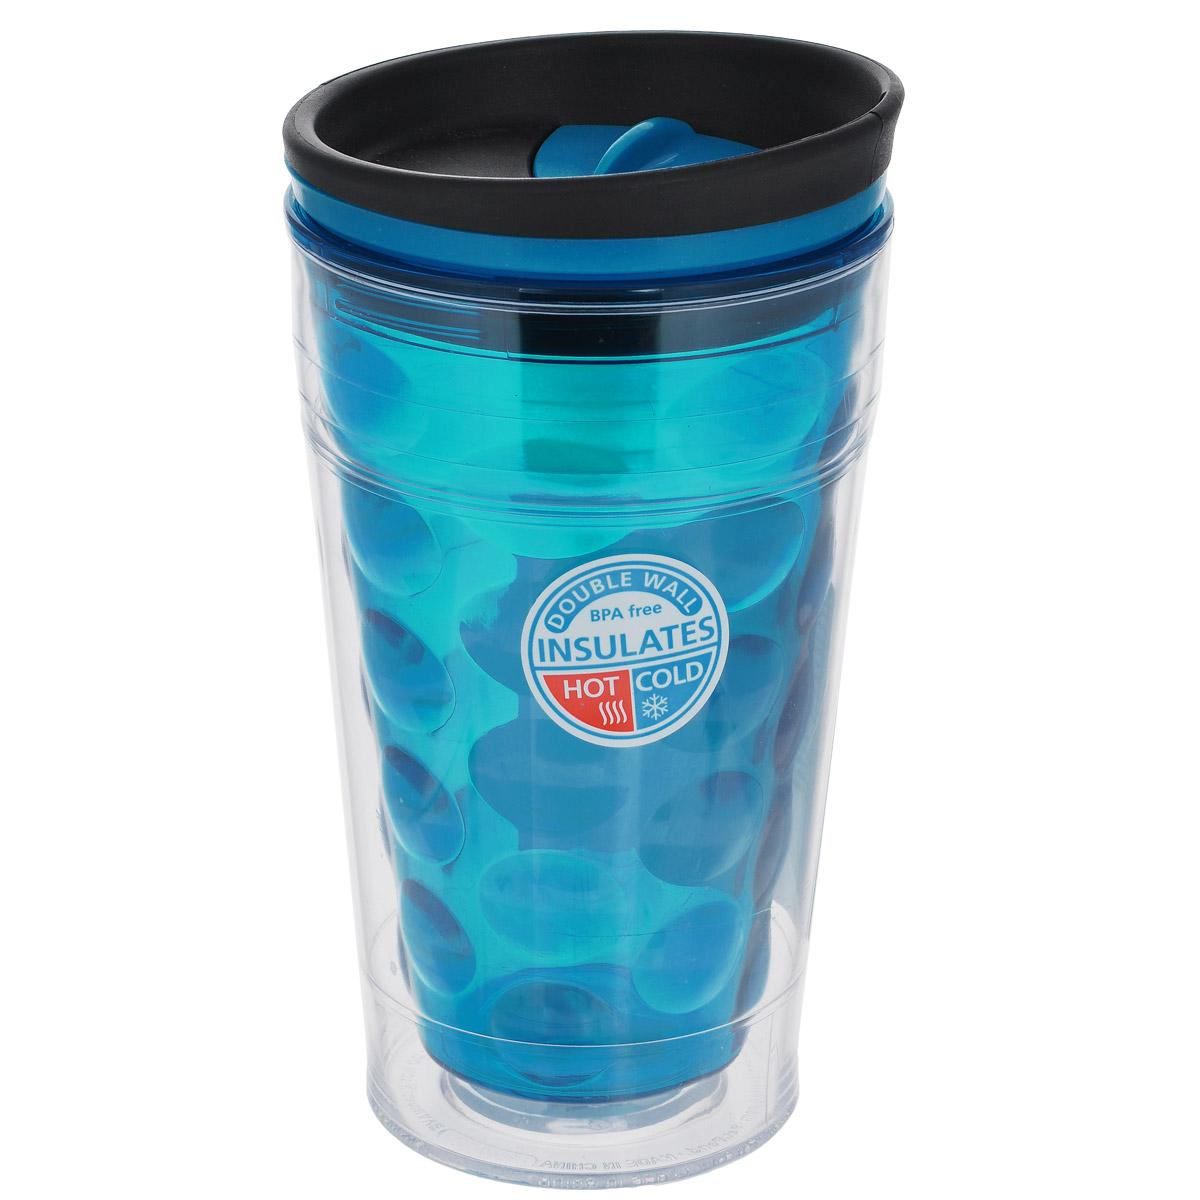 Кружка дорожная Cool Gear Eco 2 Go Bubble Coffee для горячих напитков, цвет: синий, 480 мл. 16691669Дорожная кружка Cool Gear Eco 2 Go Bubble Coffee изготовлена из высококачественного BPA-free пластика, не содержащего токсичных веществ. Двойные стенки дольше сохраняют напиток горячим и не обжигают руки. Внутренняя колба с рельефом в виде пузырьков сделает кружку уникальной деталью вашего имиджа. Надежная закручивающаяся крышка с защитой от проливания обеспечит дополнительную безопасность. Оптимальный объем позволяет легко поместить кружку в автомобильный подстаканник, дорожную сумку или рюкзак. Кружка идеальна для ежедневного использования. На лыжной прогулке, пикнике или за рулем горячий напиток всегда под рукой! Кружка также подойдет для холодных напитков. Не рекомендуется использовать в микроволновой печи и мыть в посудомоечной машине. Cool Gear - мировой лидер в сфере производства товаров для питья, продукция которого пользуется огромной популярностью по всему миру! Ассортимент компании включает более 120 видов бутылок для питья и дорожных...